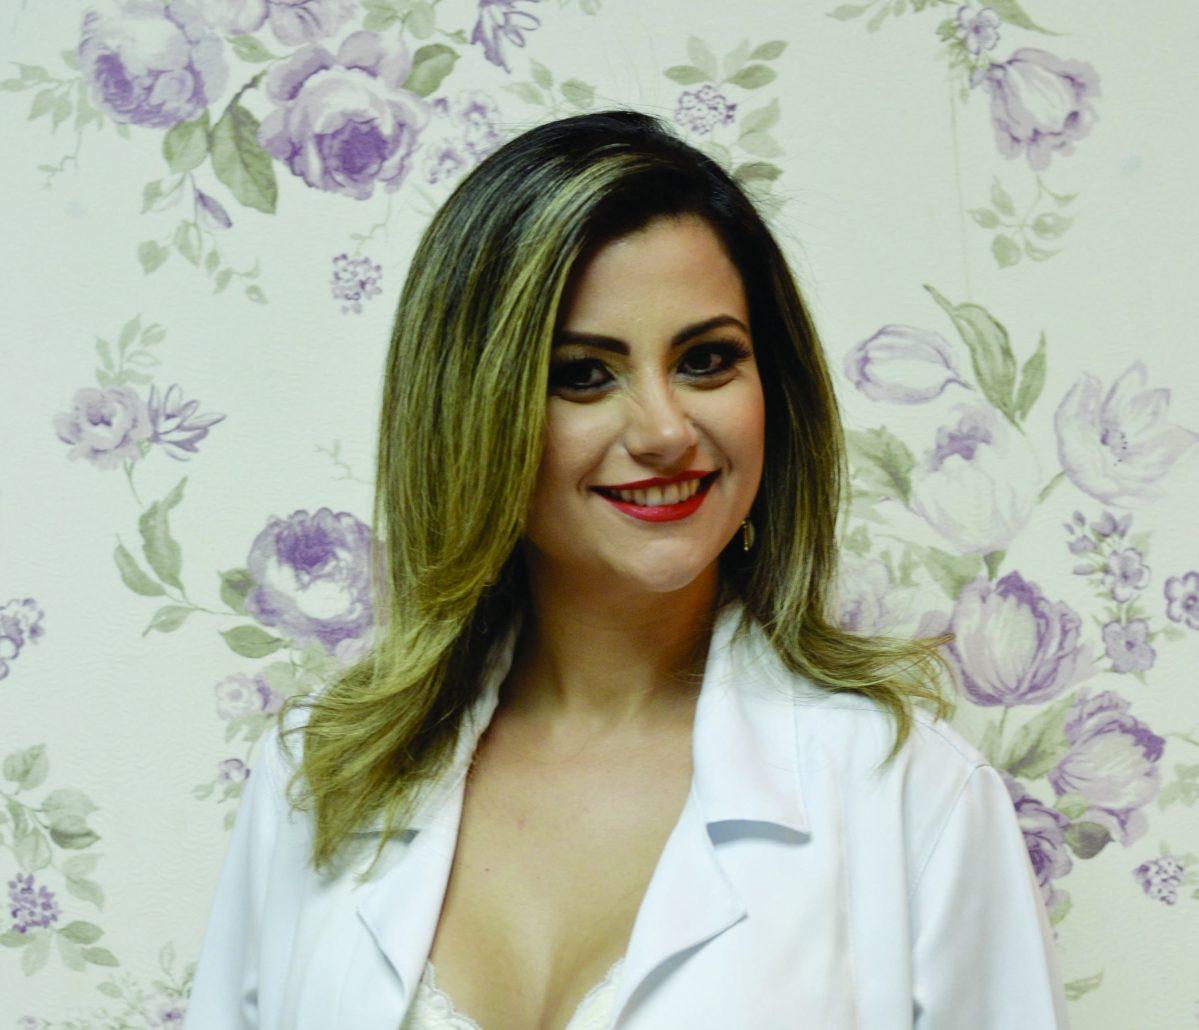 Sobre a Dr. Pollyana Cirino